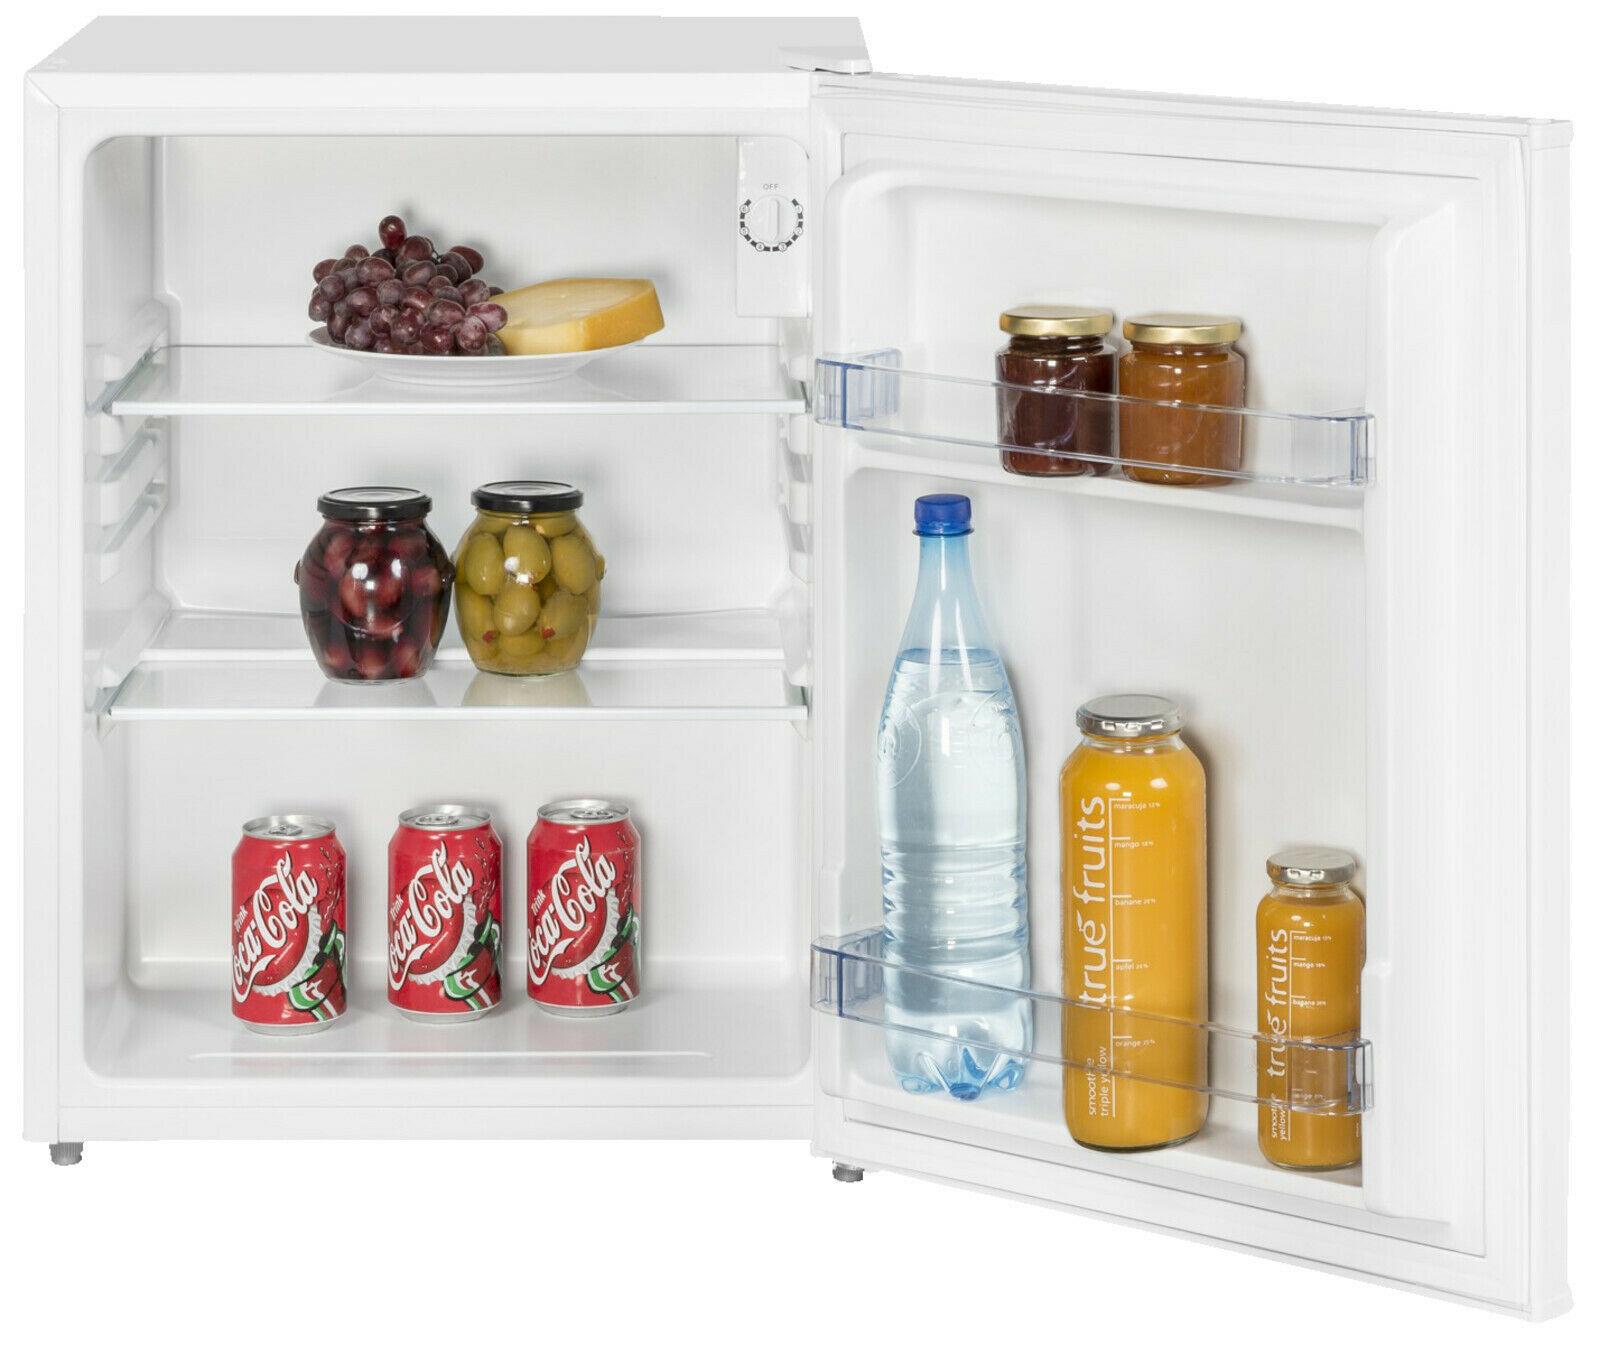 Kühlschrank 58l EXQUISIT KB60-15 A++, Standgerät, A++, 620 mm hoch, Weiß